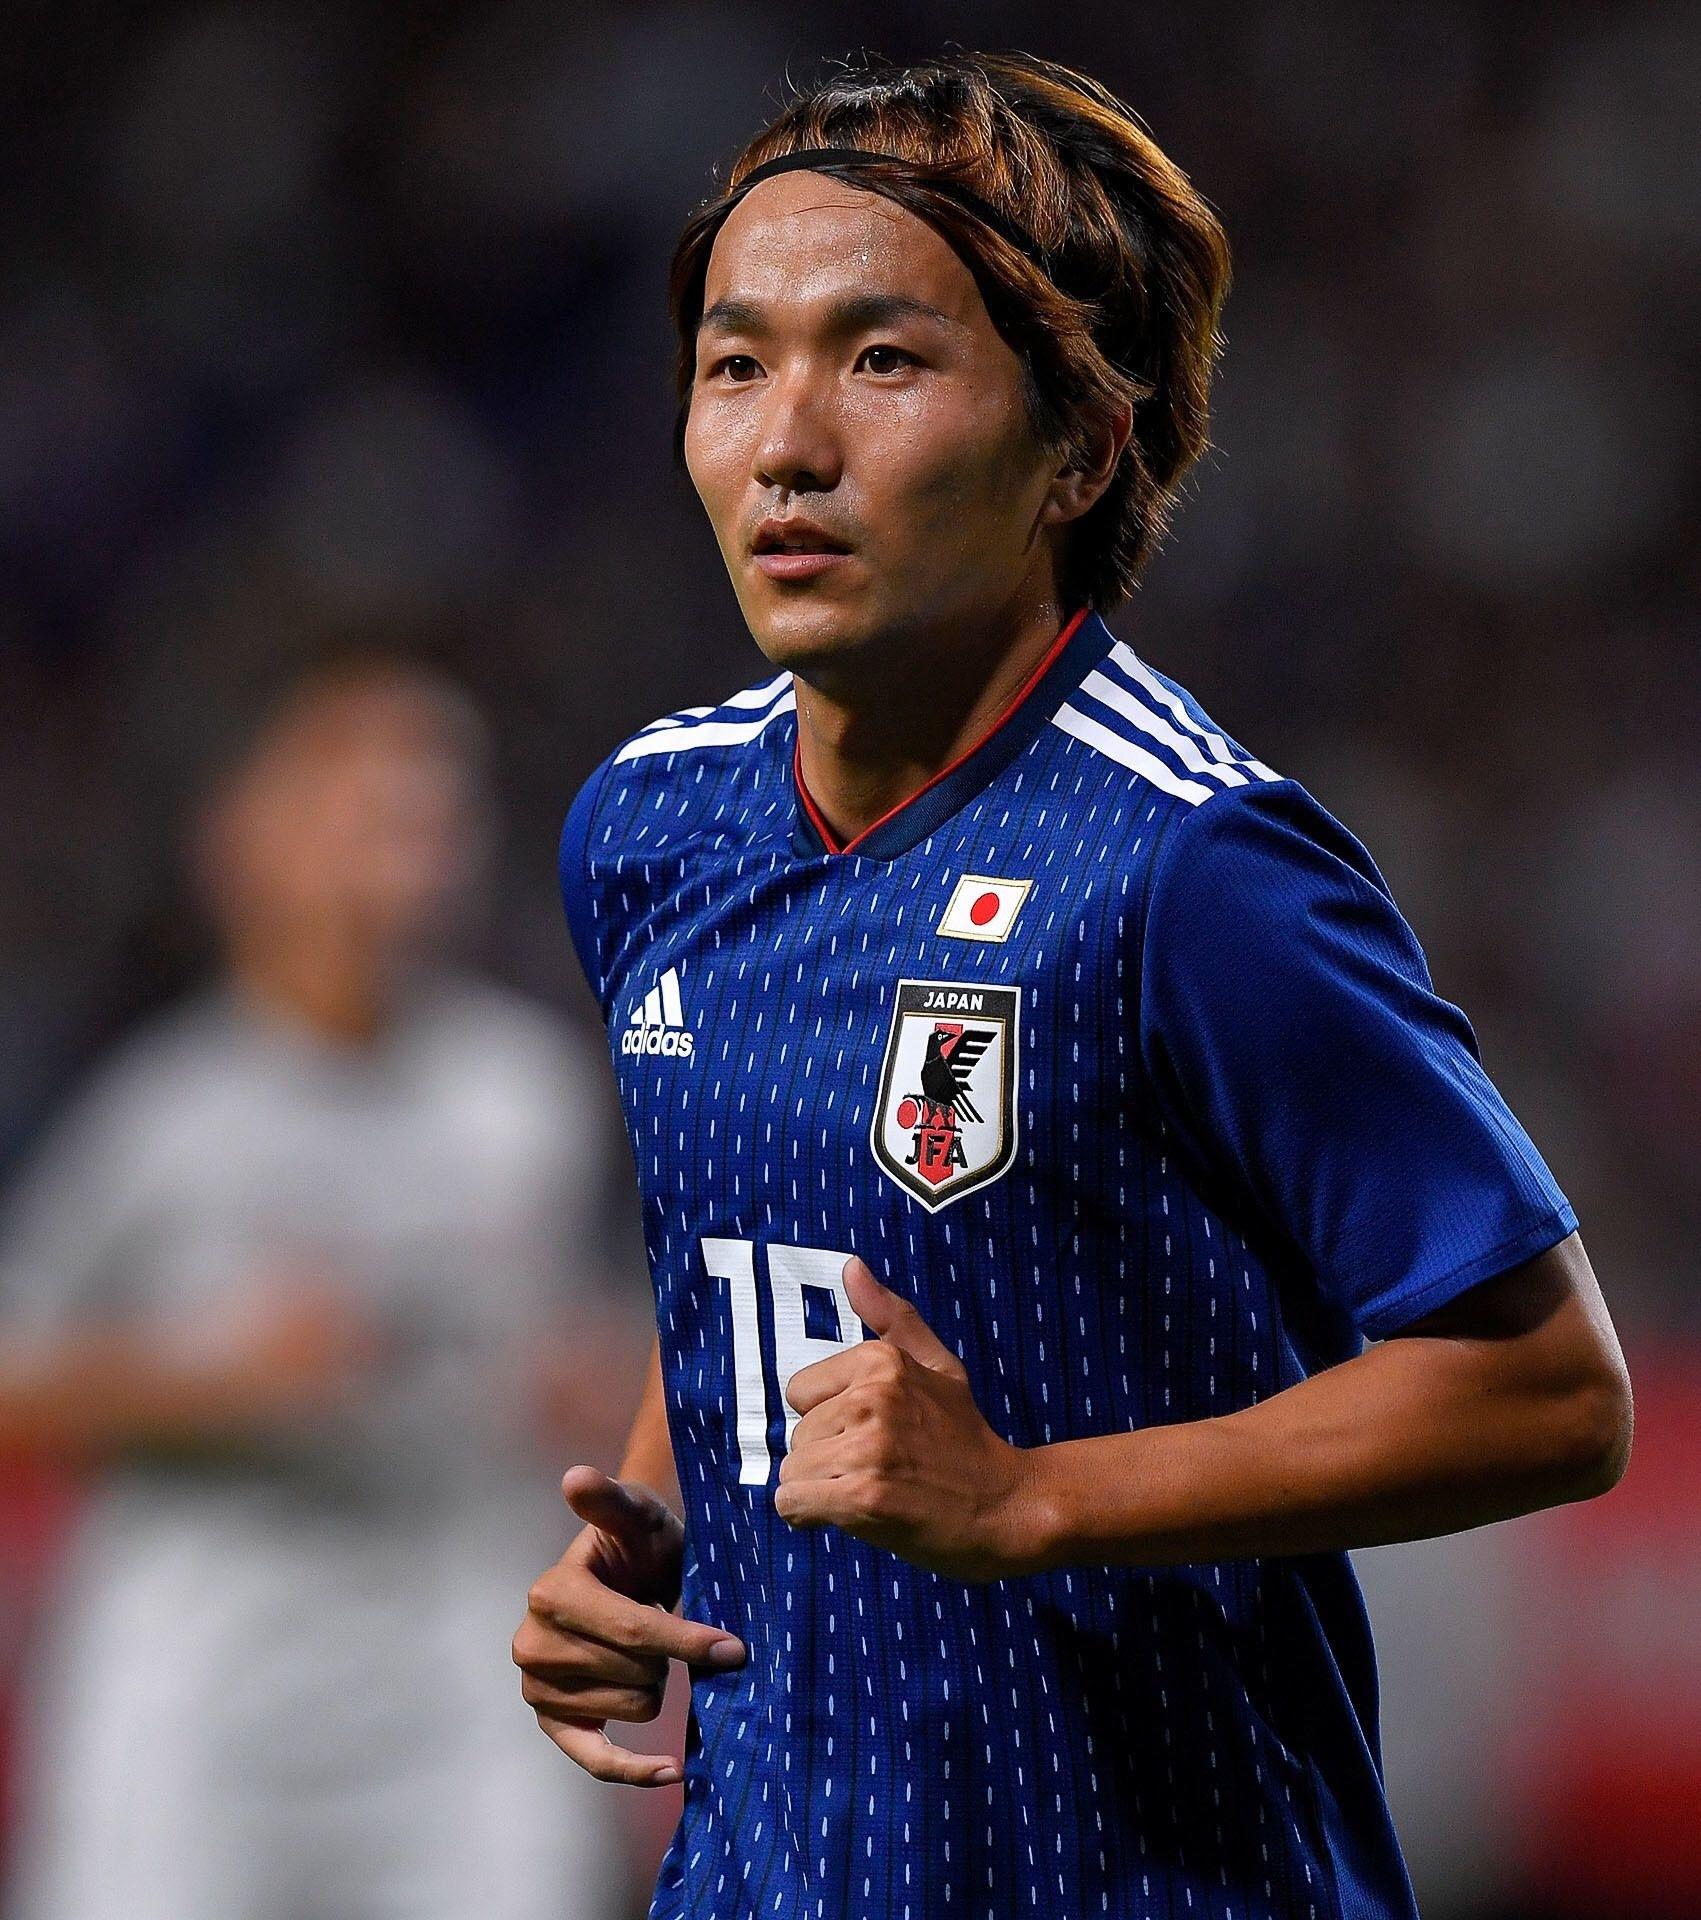 サッカー日本代表 歴代出場選手画像集 Football Shirts Voltage Com